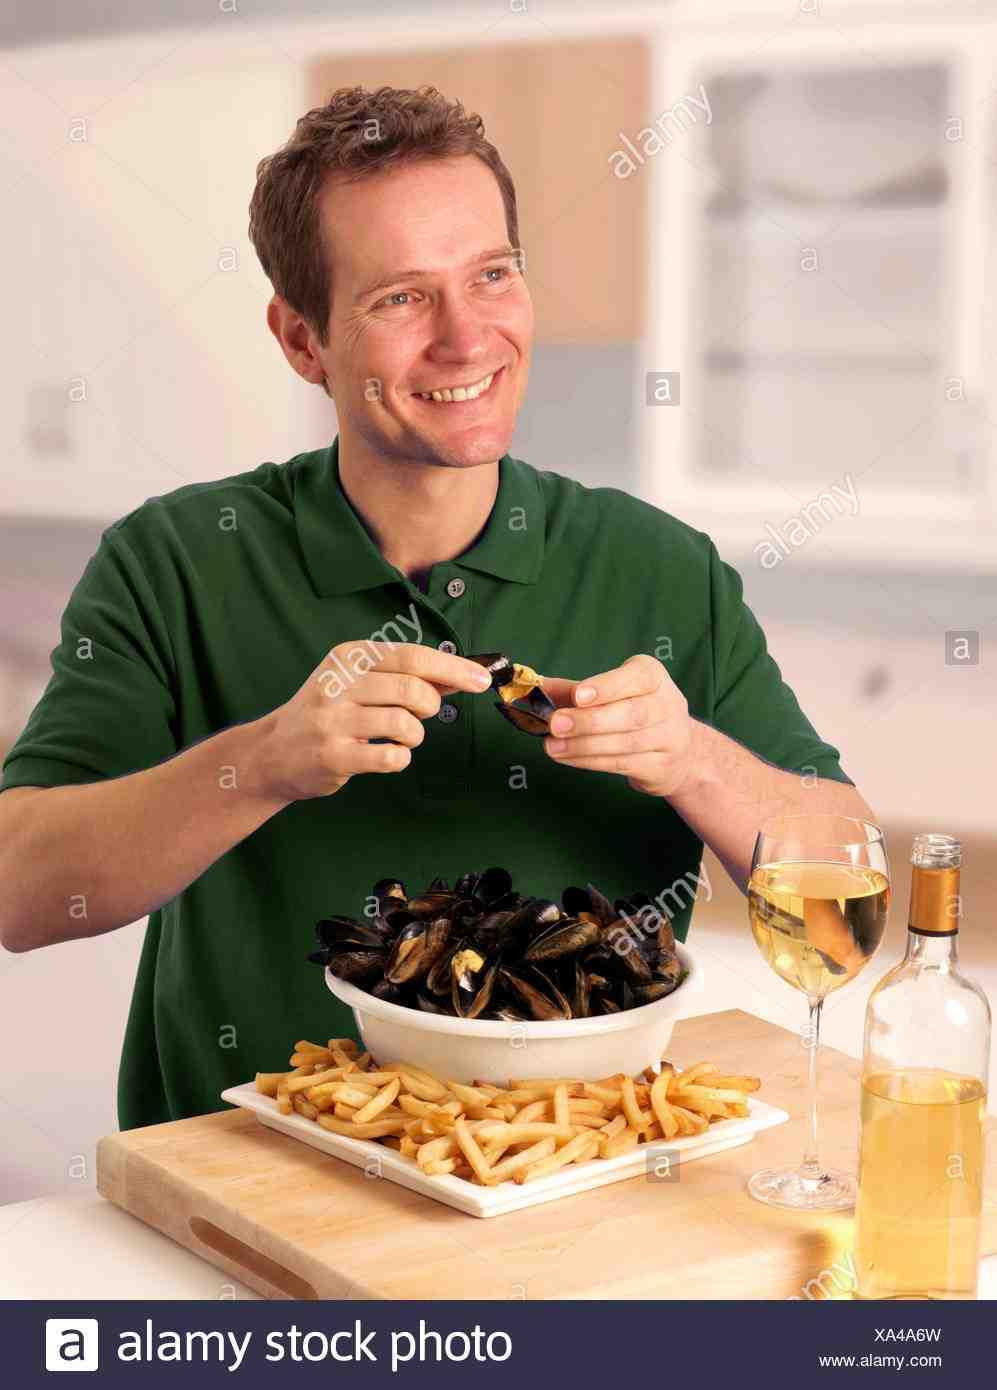 Où manger des crustacés et des frites à Rouen?